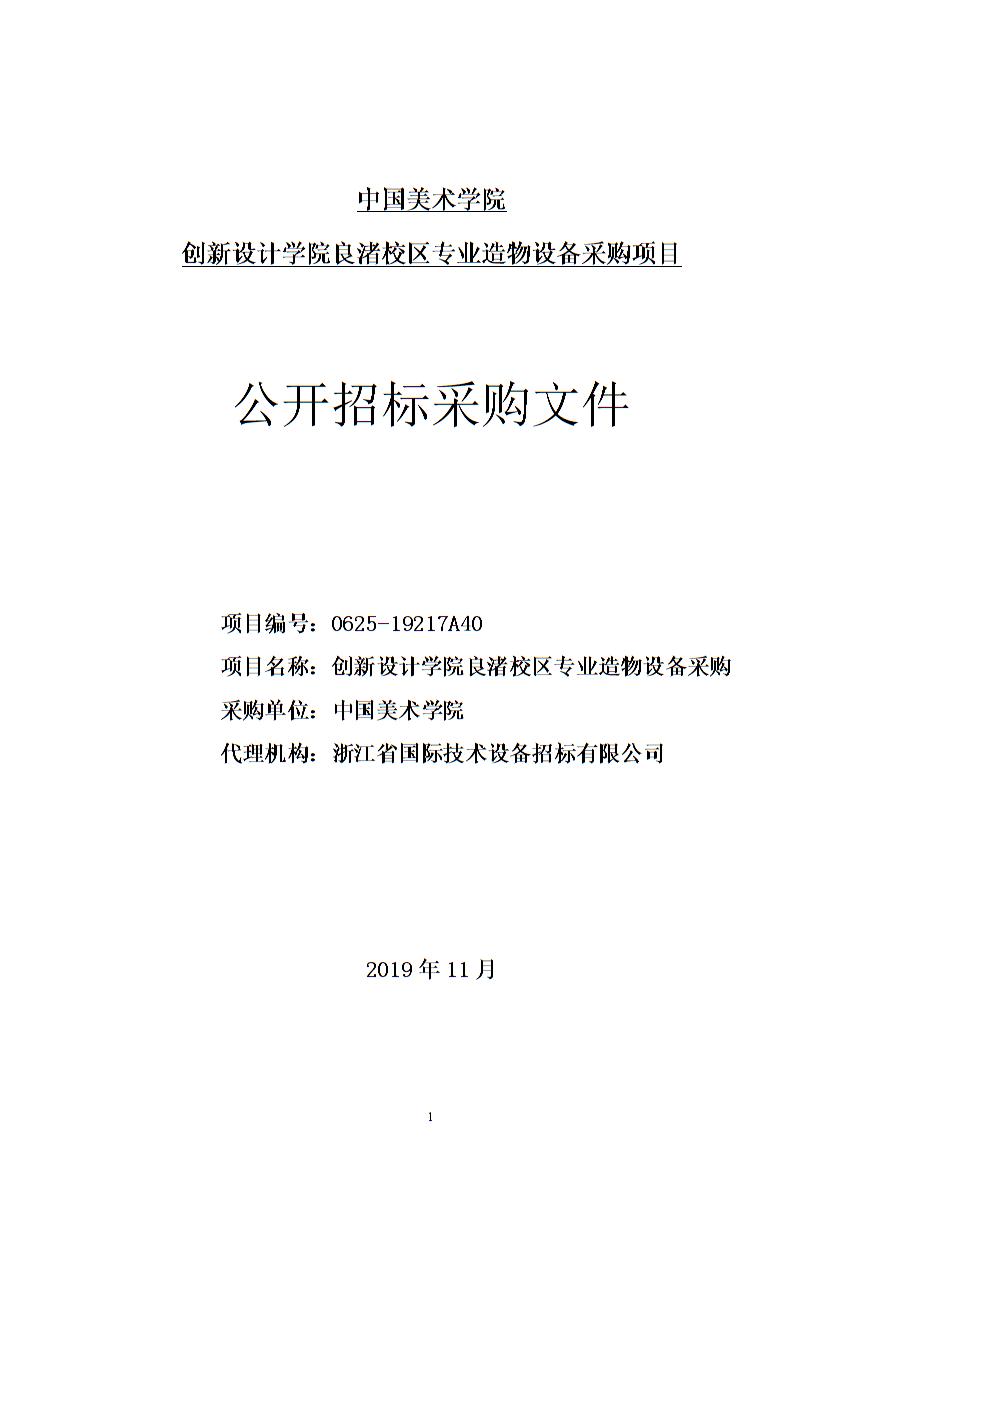 中国美术学院创新设计学院良渚校区专业造物设备采购项目招标文件.doc